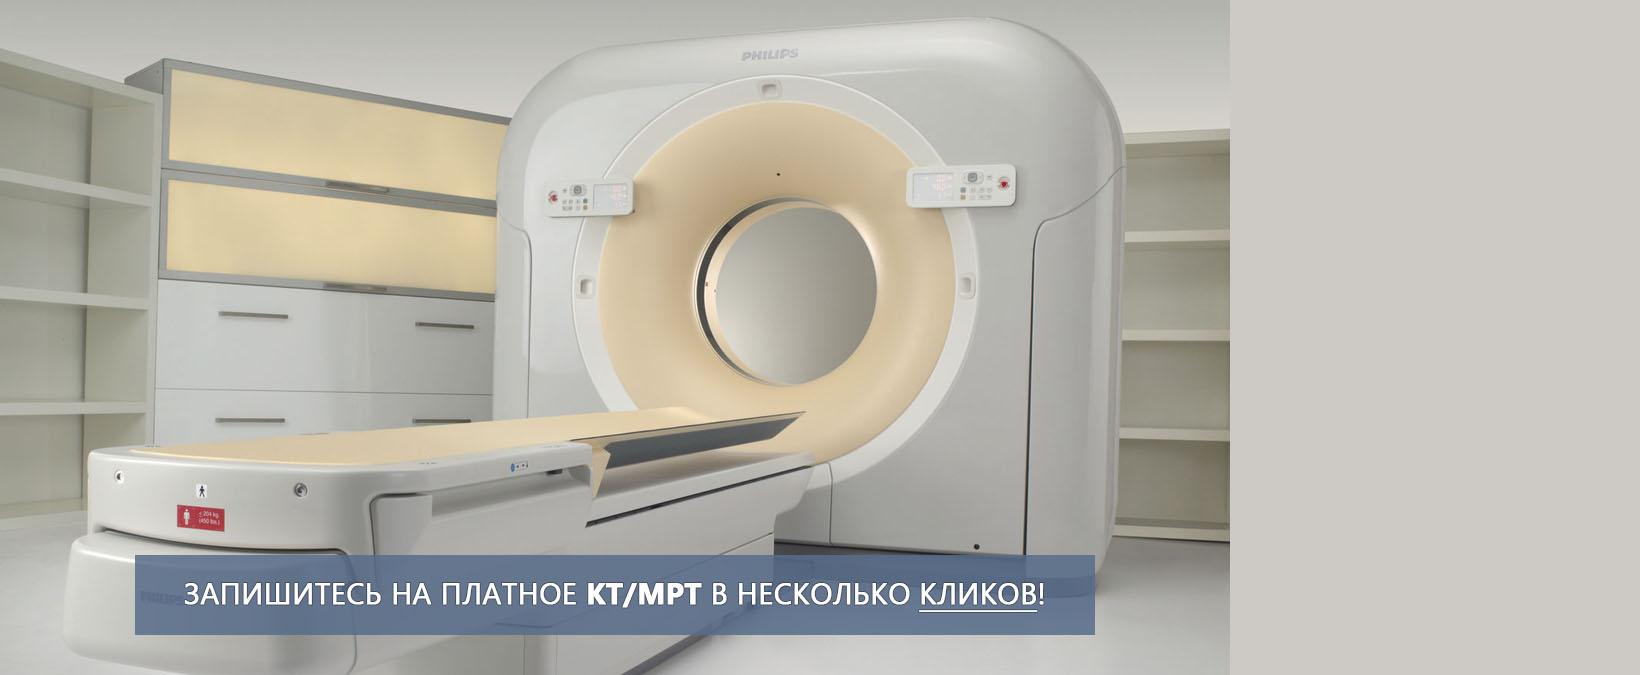 Дмитровская детская больница прием врачей